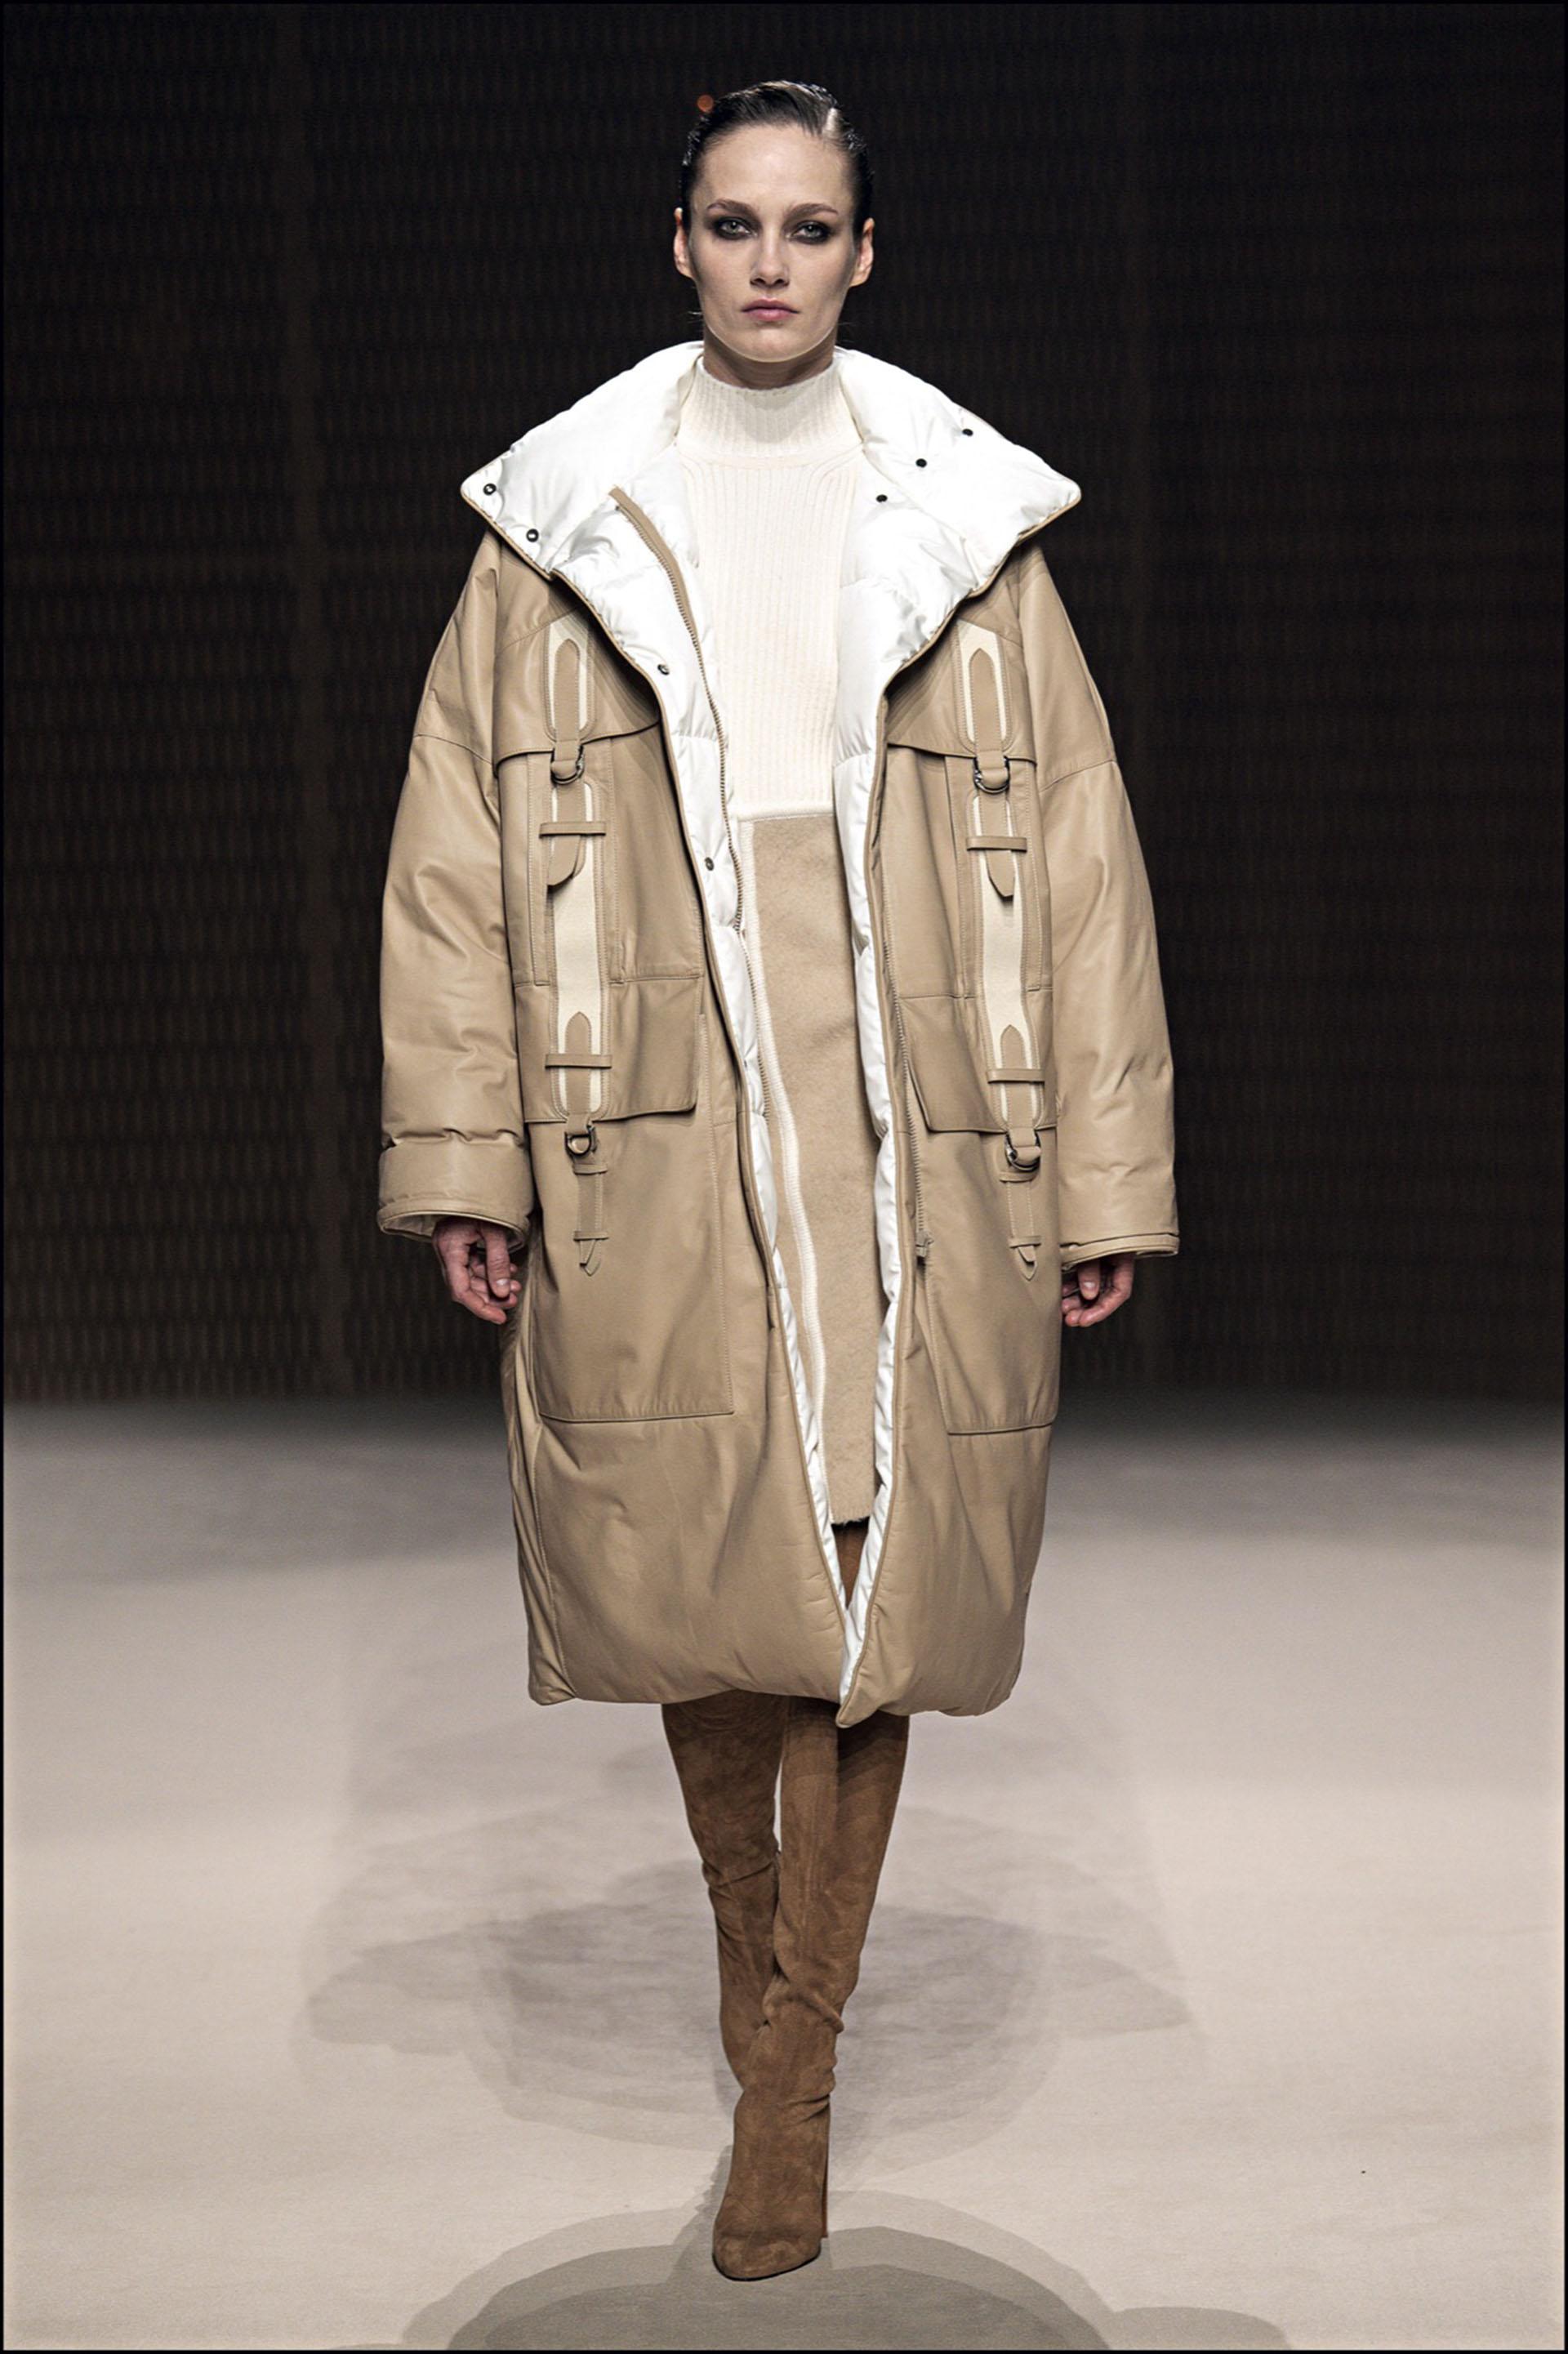 Mannequin - DÈfilÈ de mode HermËs collection prÍt-‡-porter Automne-Hiver 2019/2020 lors de la fashion week ‡ Paris, le 2 mars 2019. HermËs fashion show ready-to-wear Fall-Winter 2019/2020 during the fashion week in Paris, France, on March 2nd 2019.